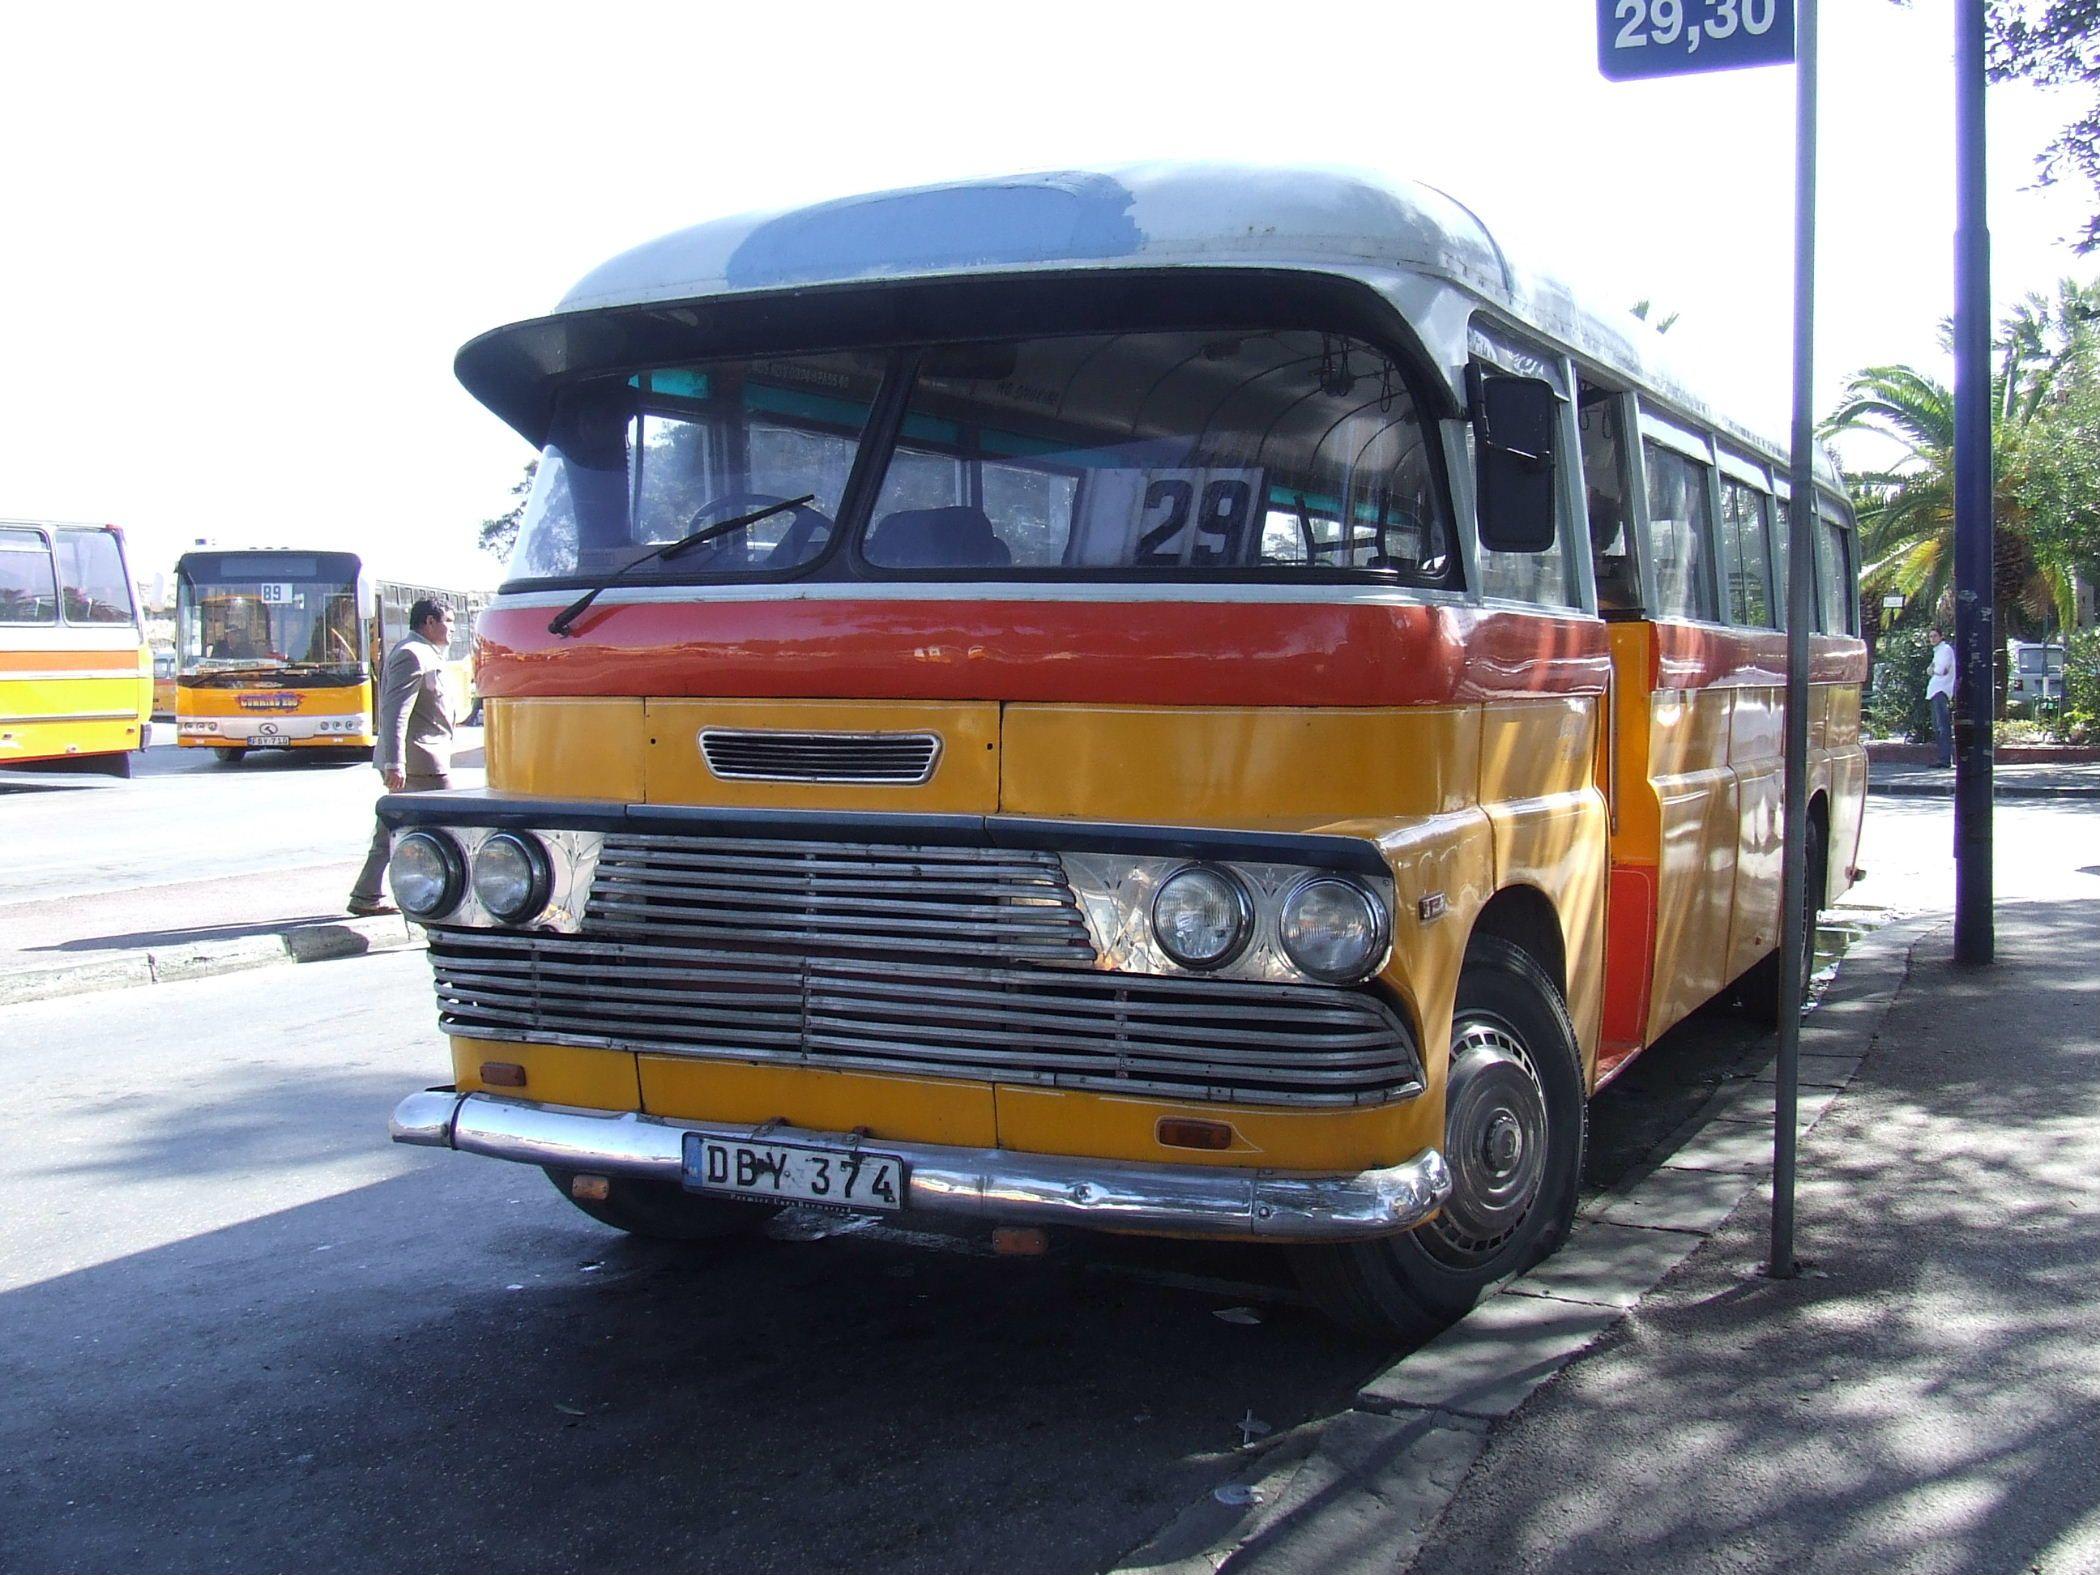 DSCF7411kl.JPG